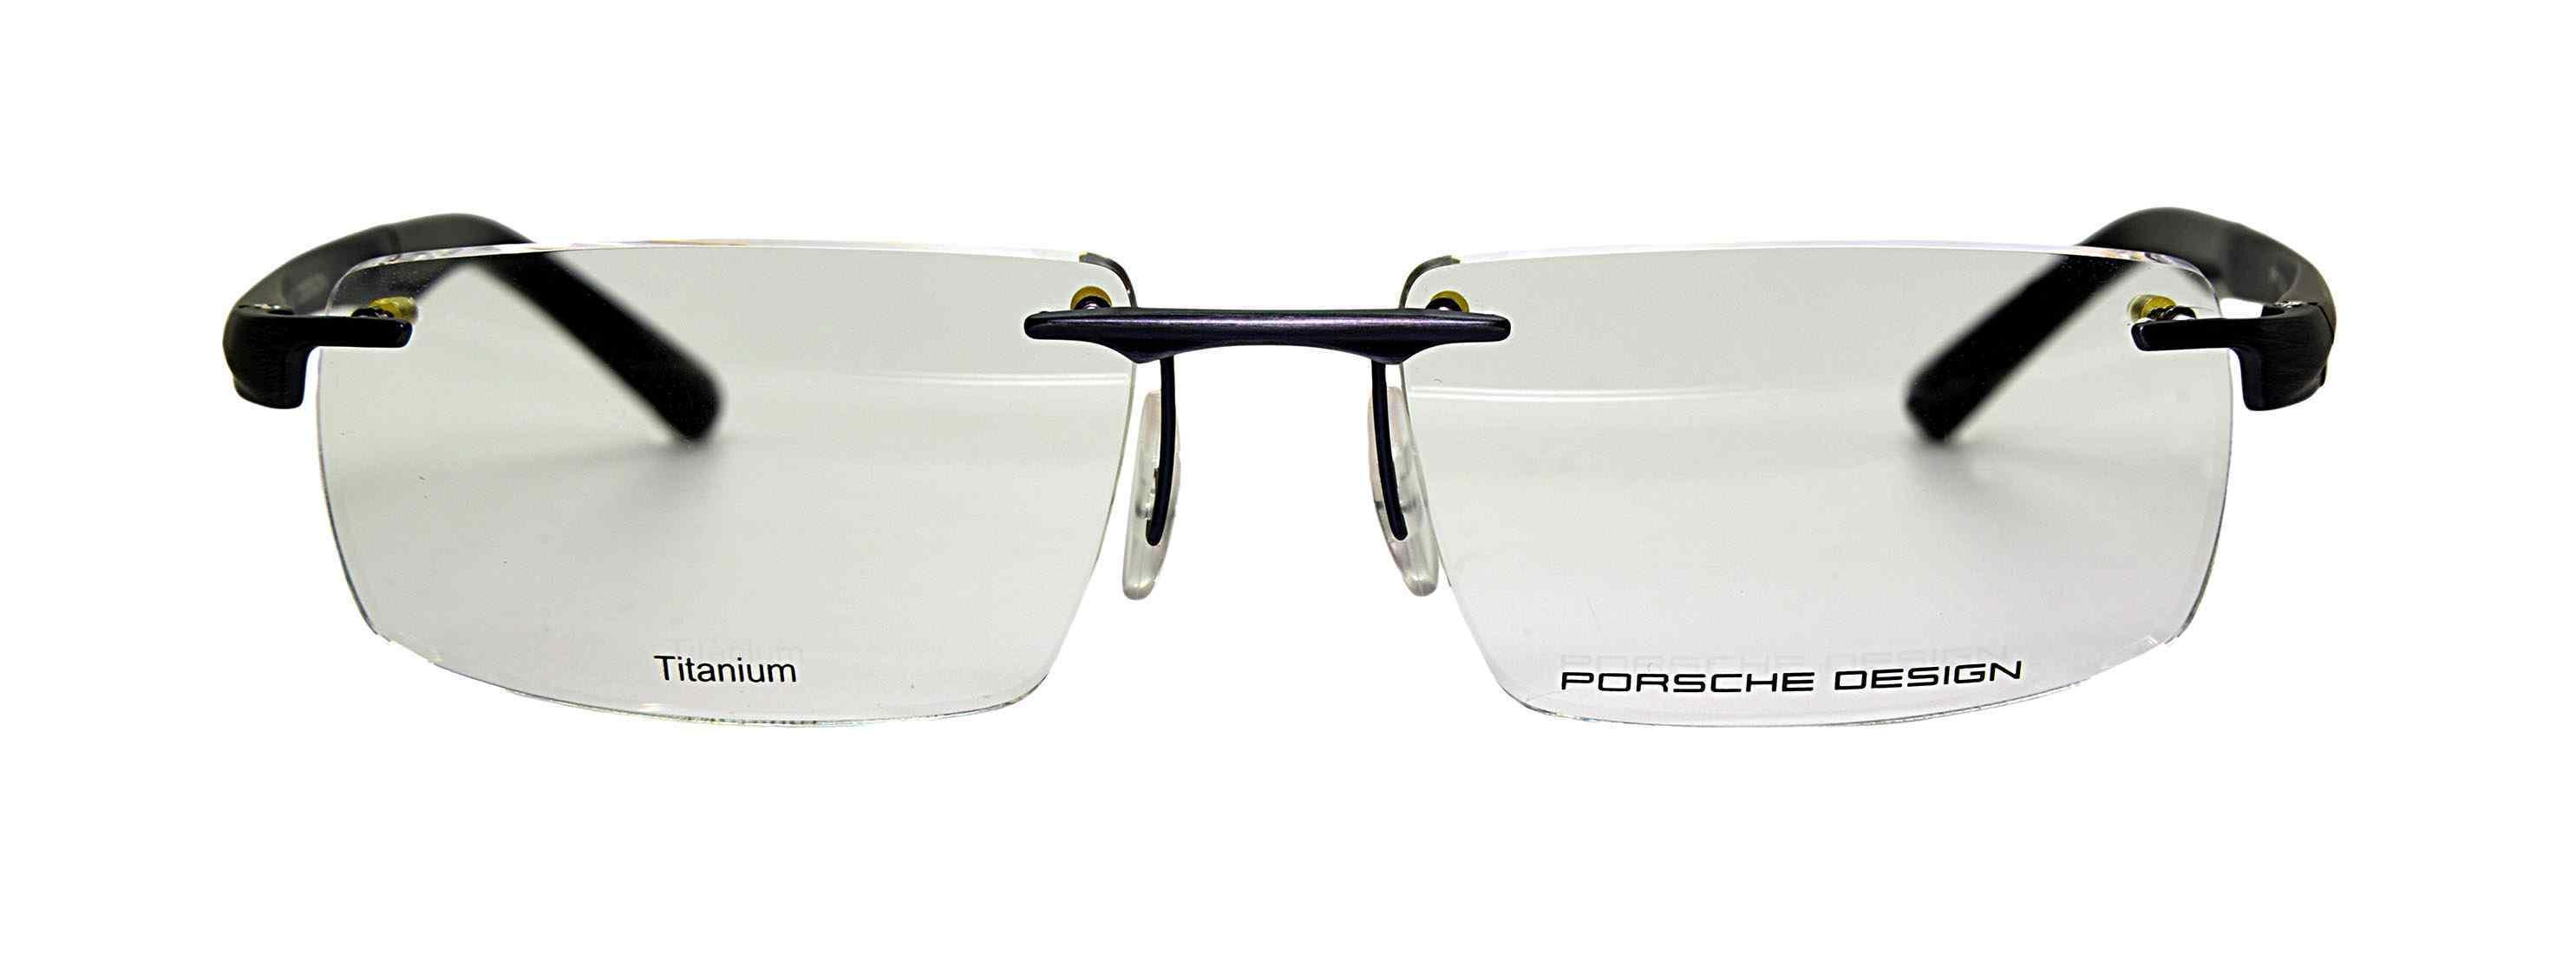 Porsche Design P 8214 S2 E 01 2970x1100